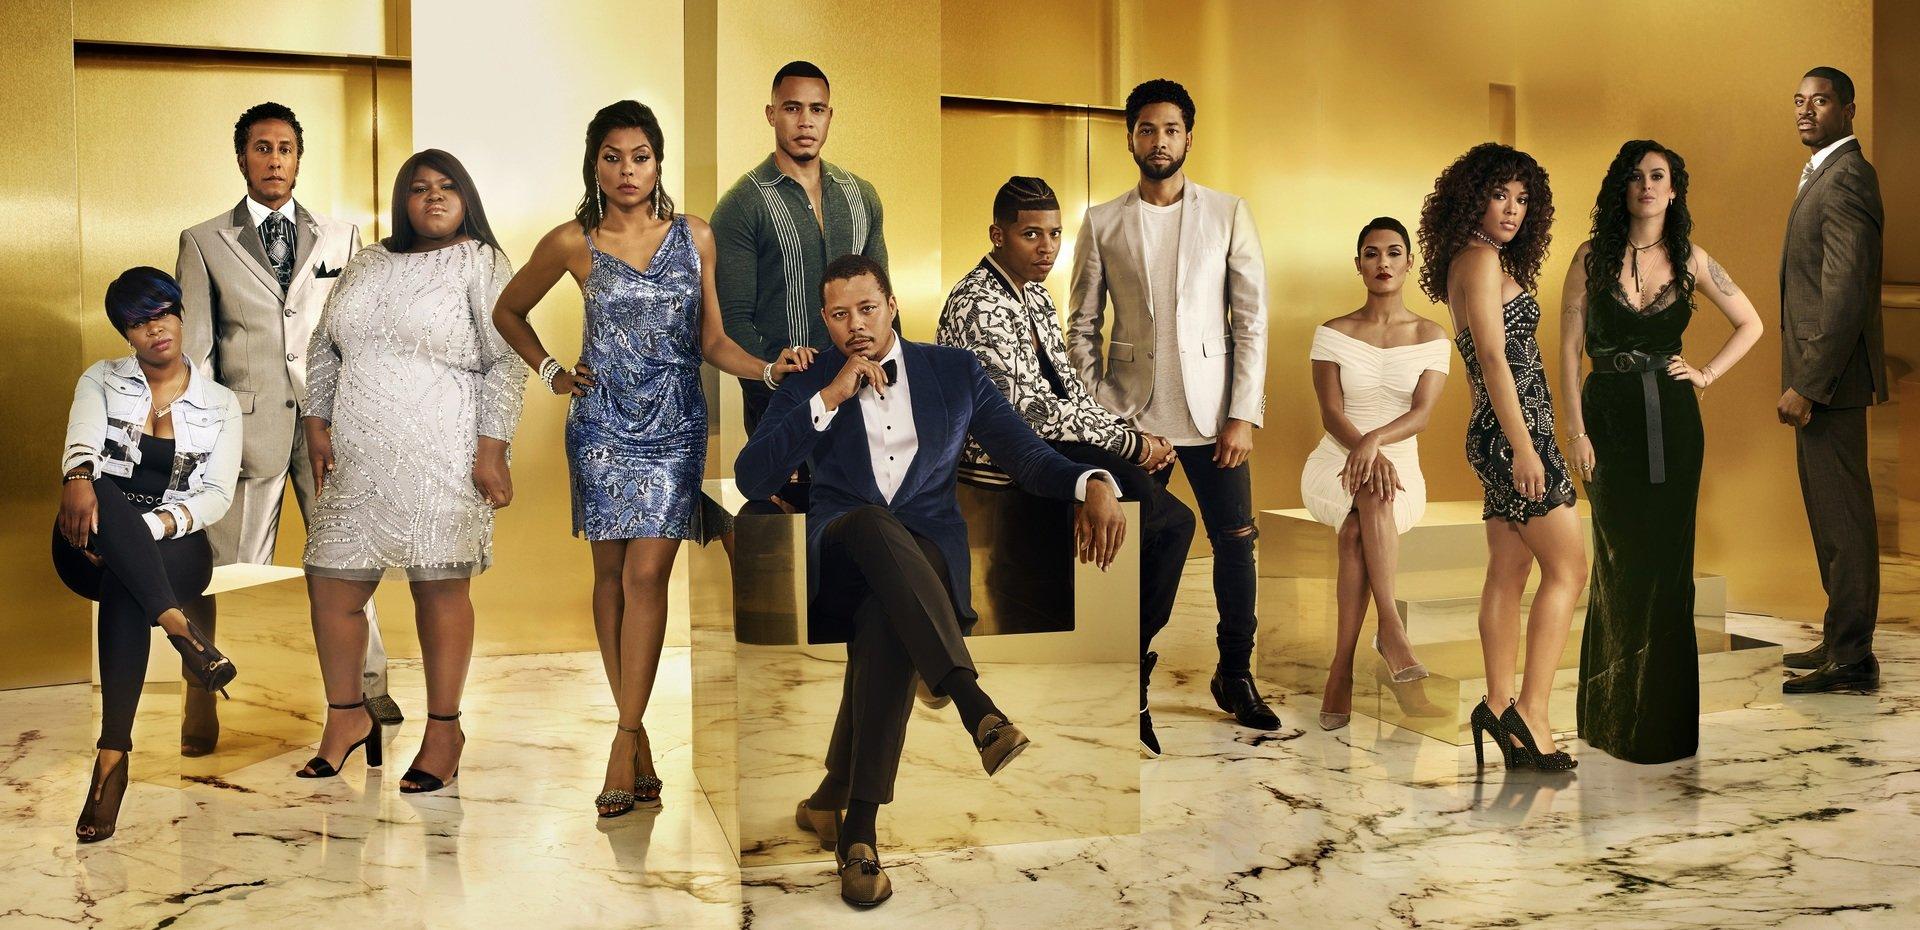 Tajemnice branży muzycznej!  4. sezon Imperium powraca 17 czerwca tylko na FOX!